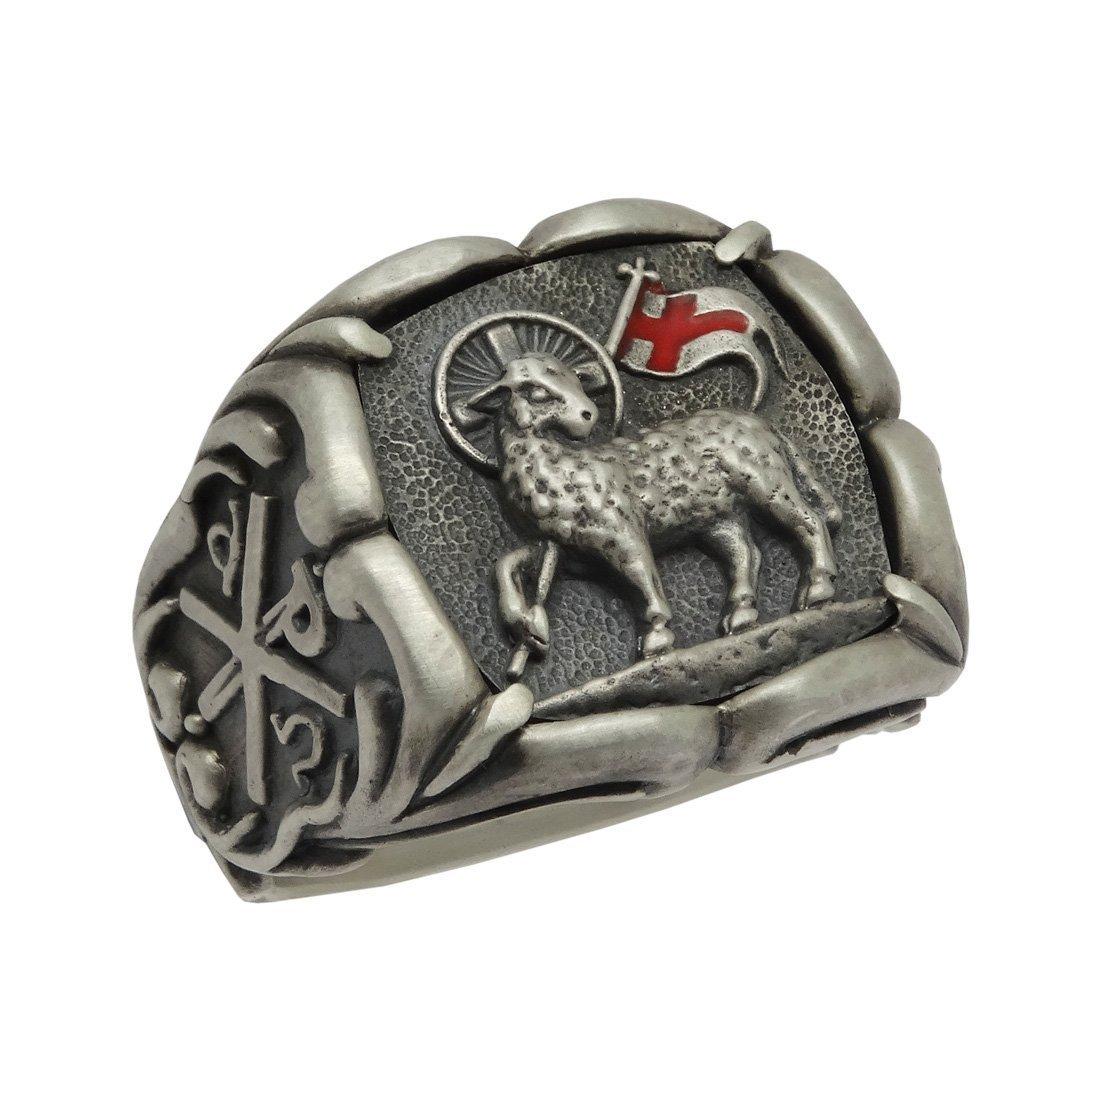 Handcrafted Lamb of God Sterling Silver 925 Knight Templar Men Chi Rho Ring Masonic